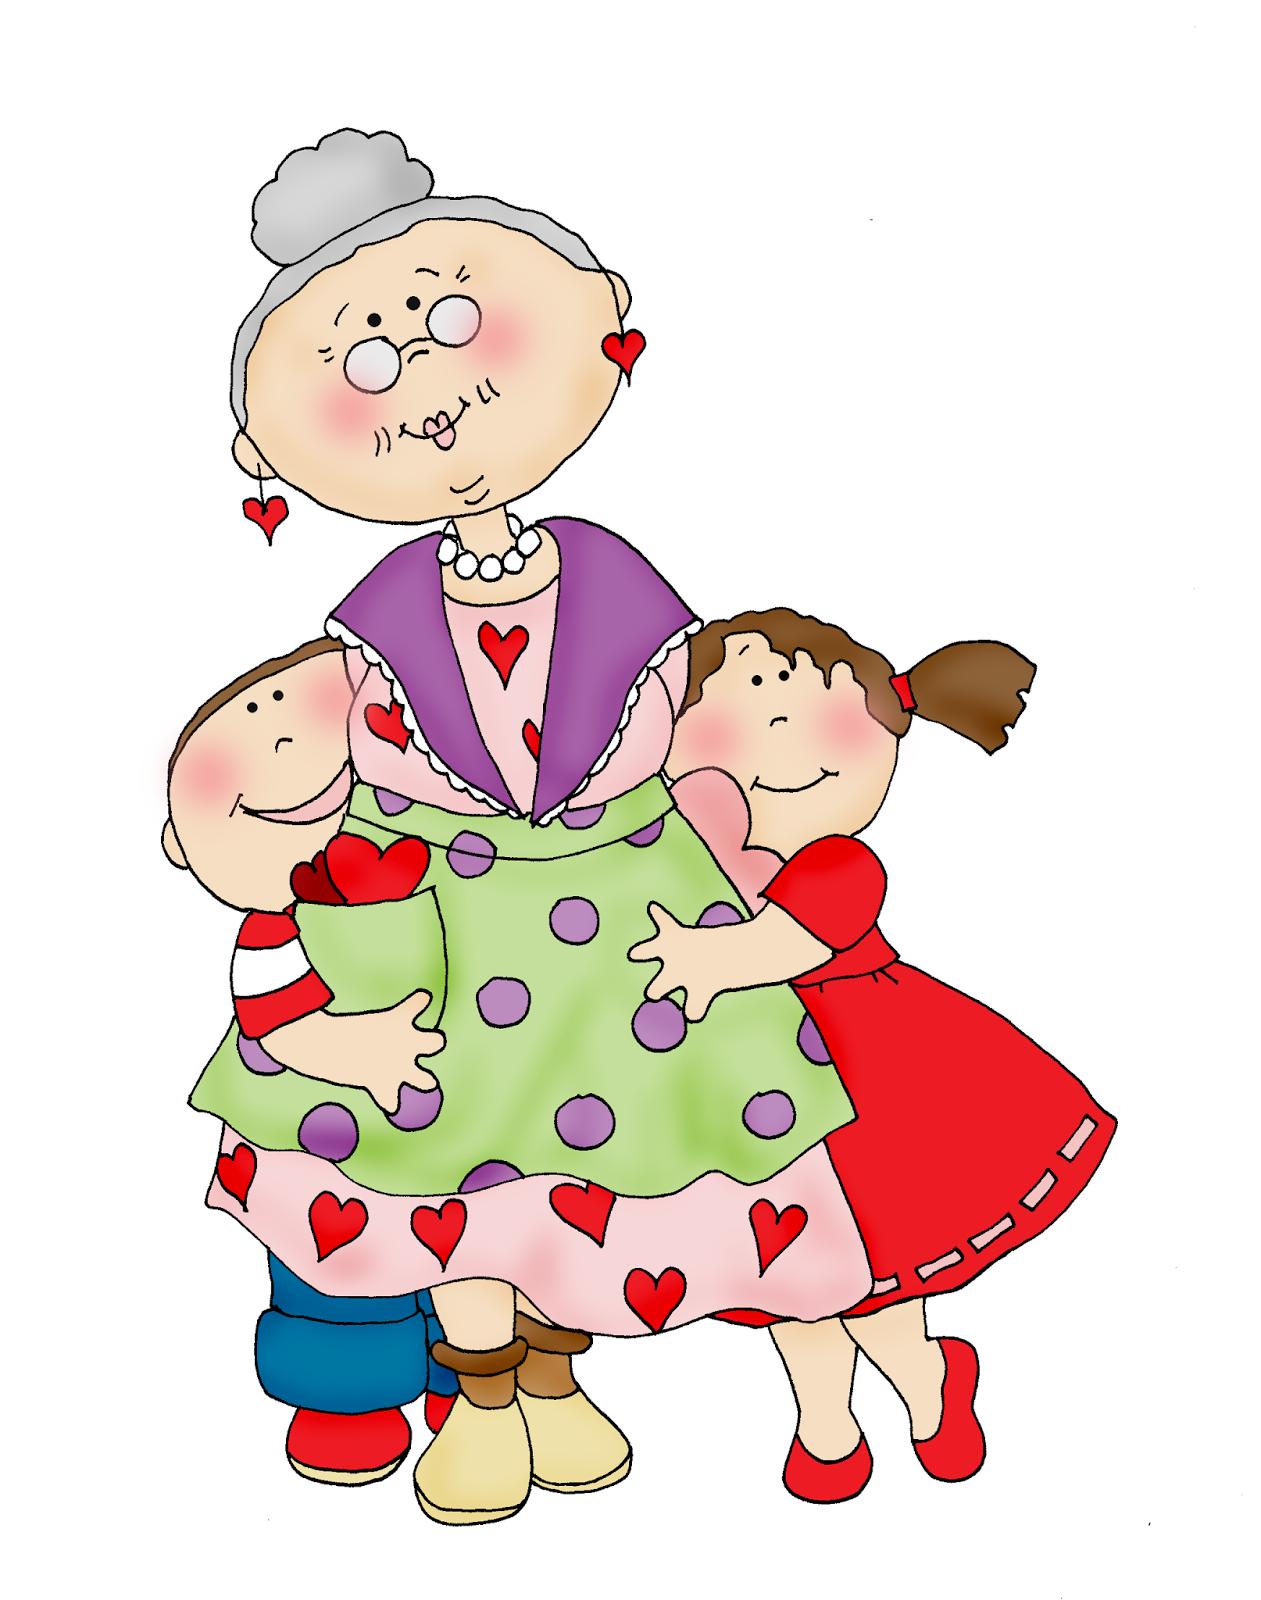 Картинки бабушка и внук нарисованные, новое